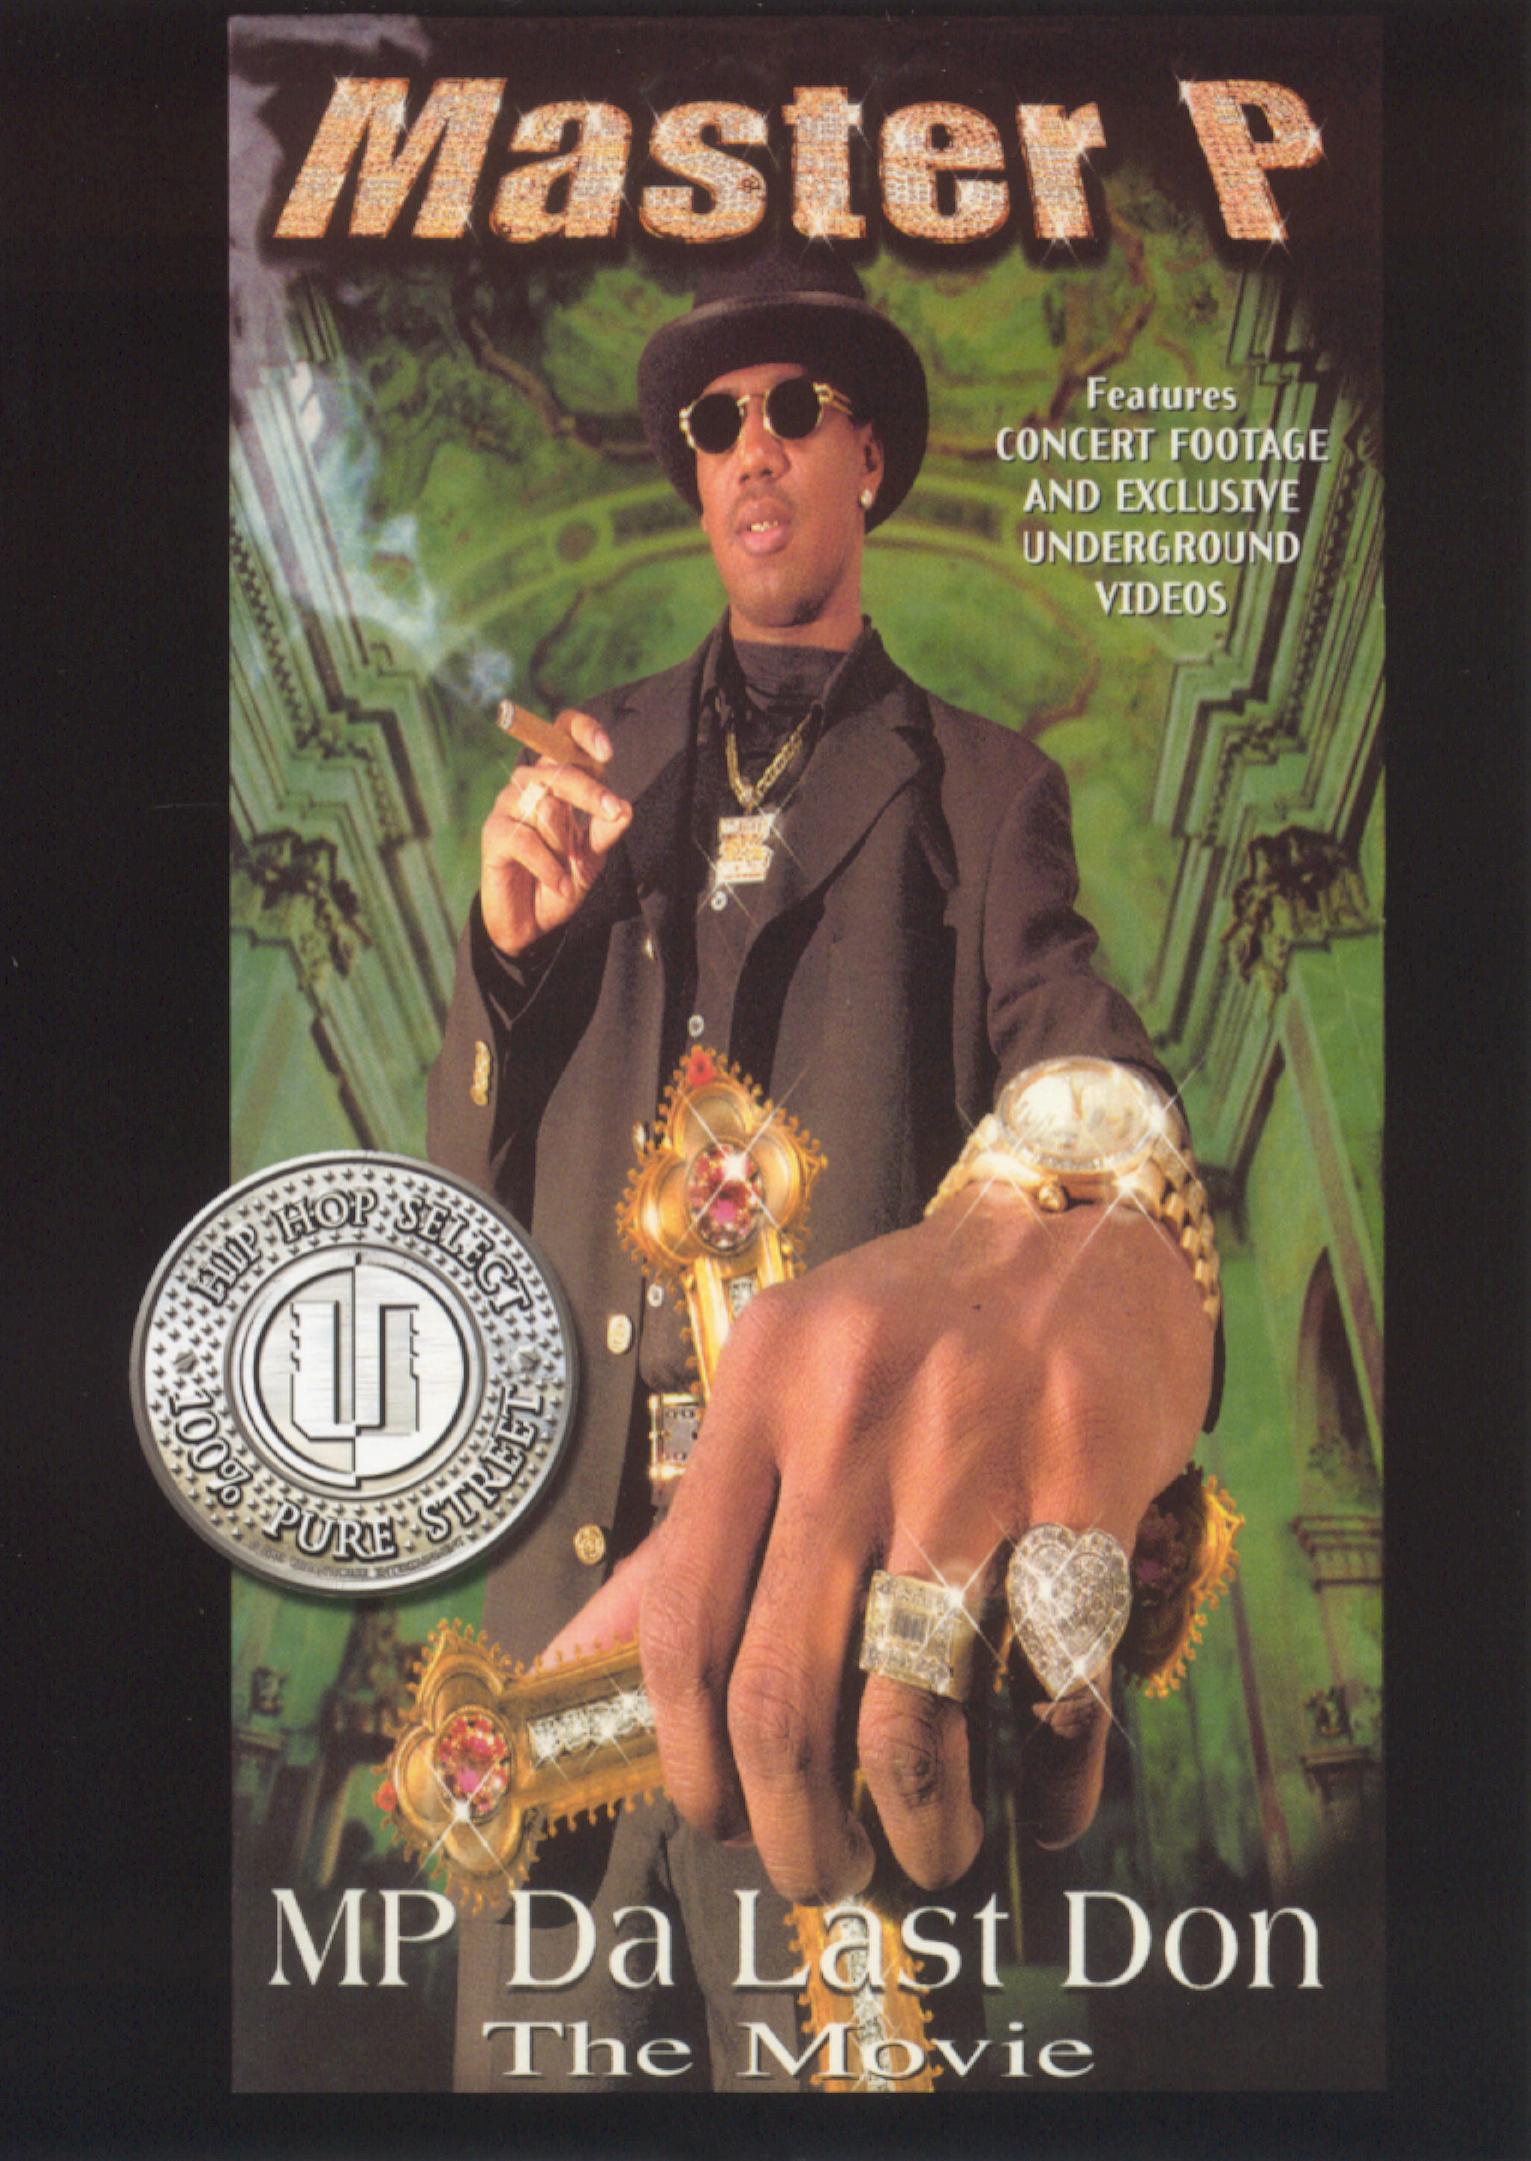 MP Da Last Don (1998) - Michael Martin,Master P | Synopsis ...